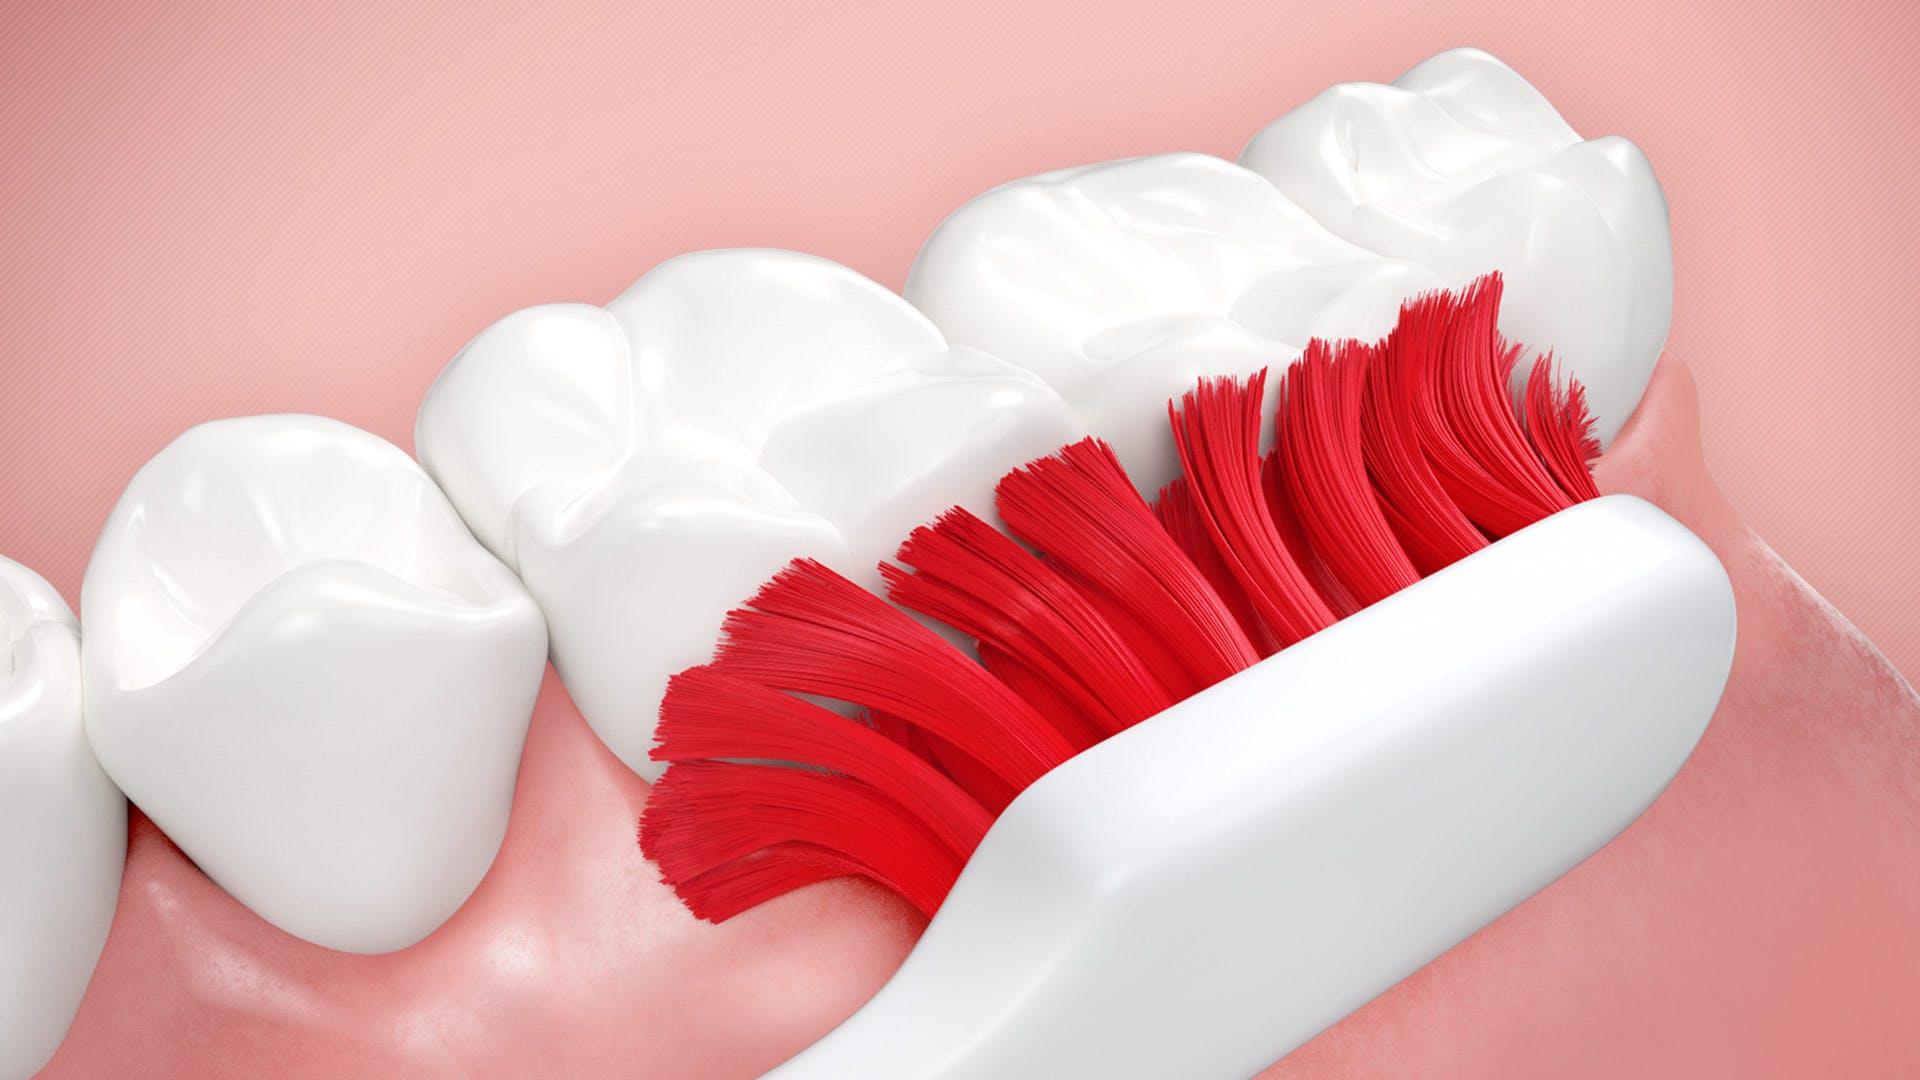 Kako možete da sprečite krvarenje desni prilikom pranja zuba